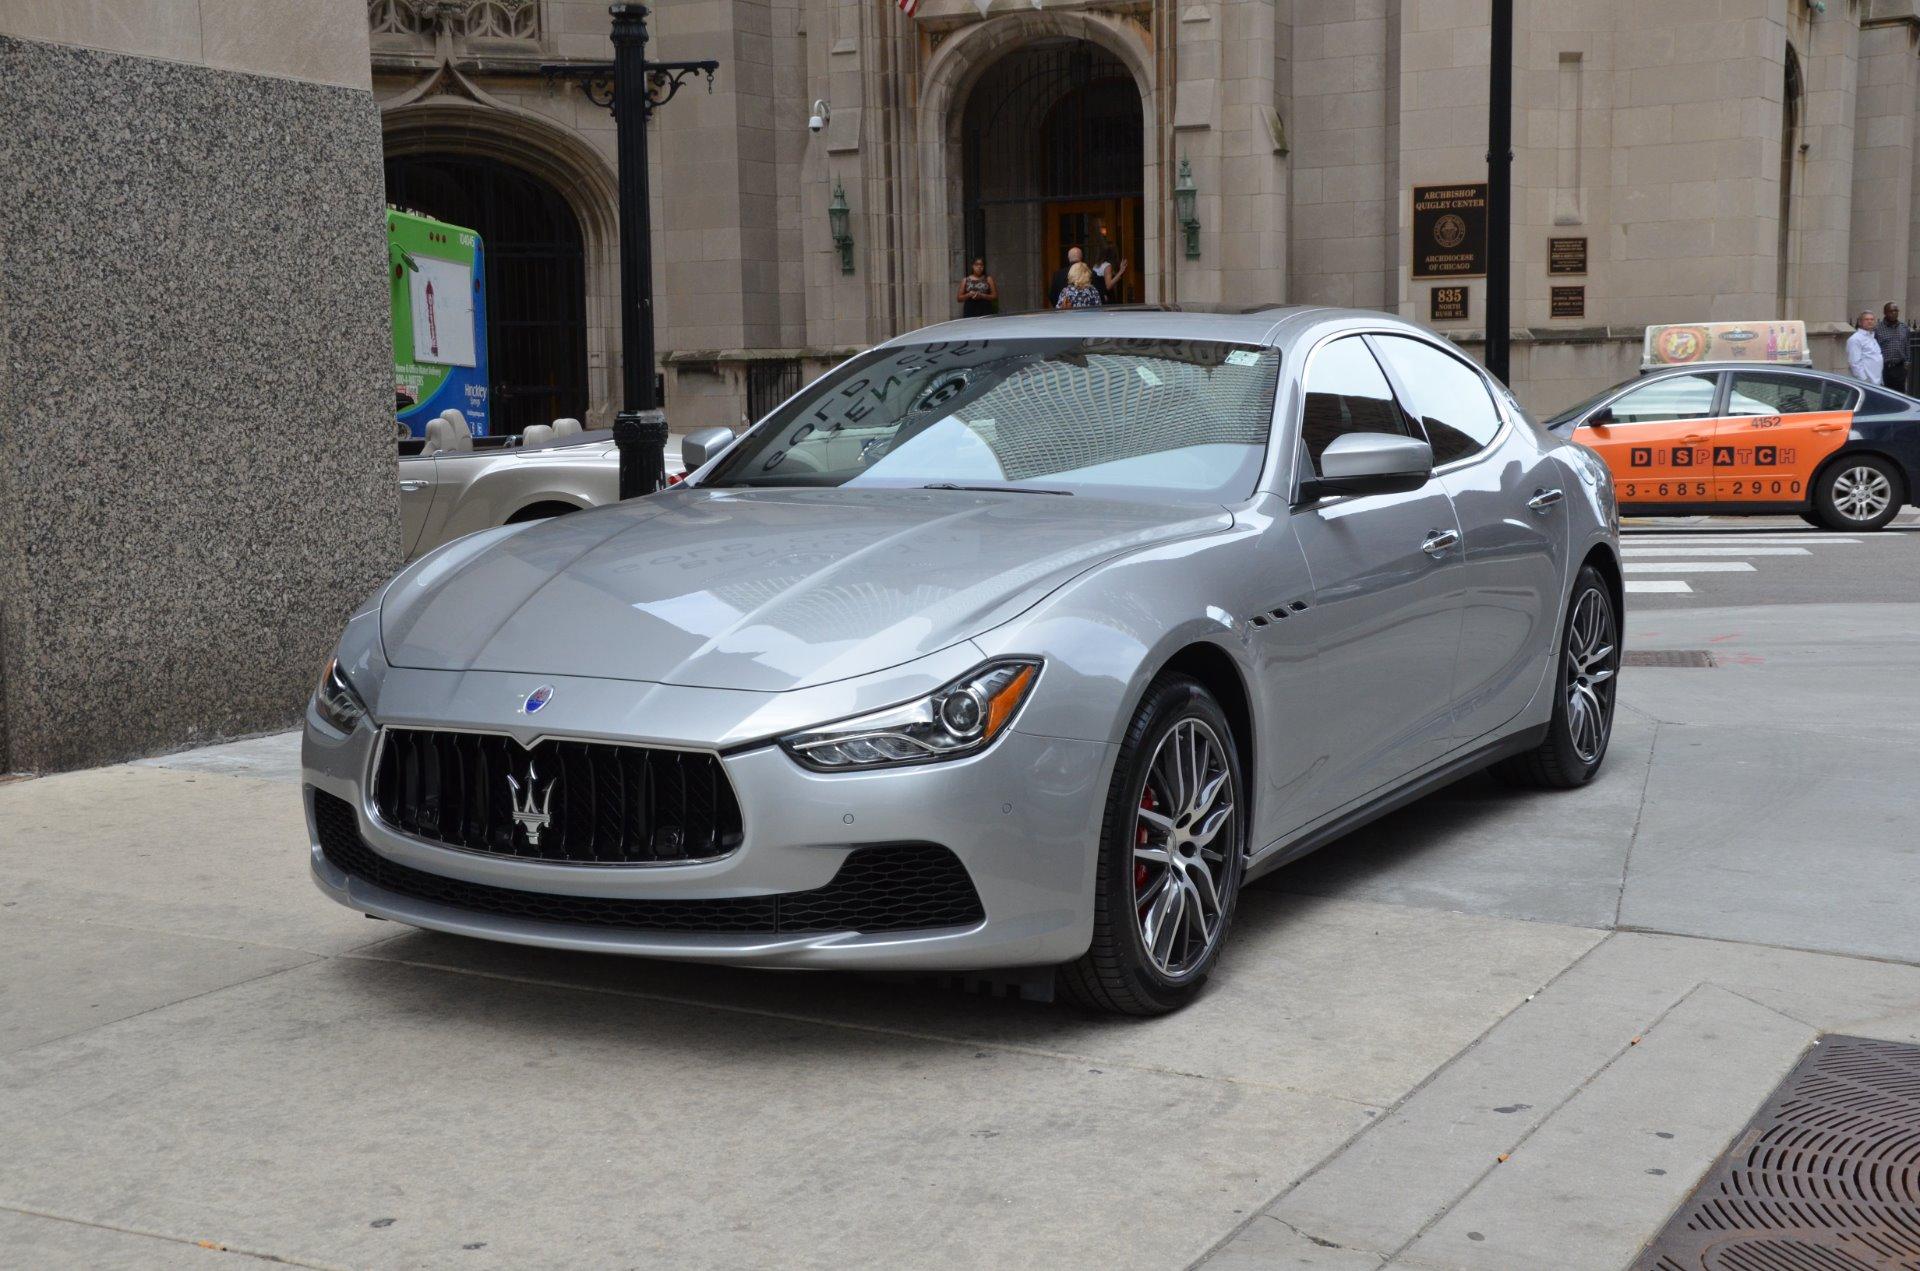 2017 Maserati Ghibli SQ4 S Q4 Stock # M597 for sale near Chicago, IL | IL Maserati Dealer